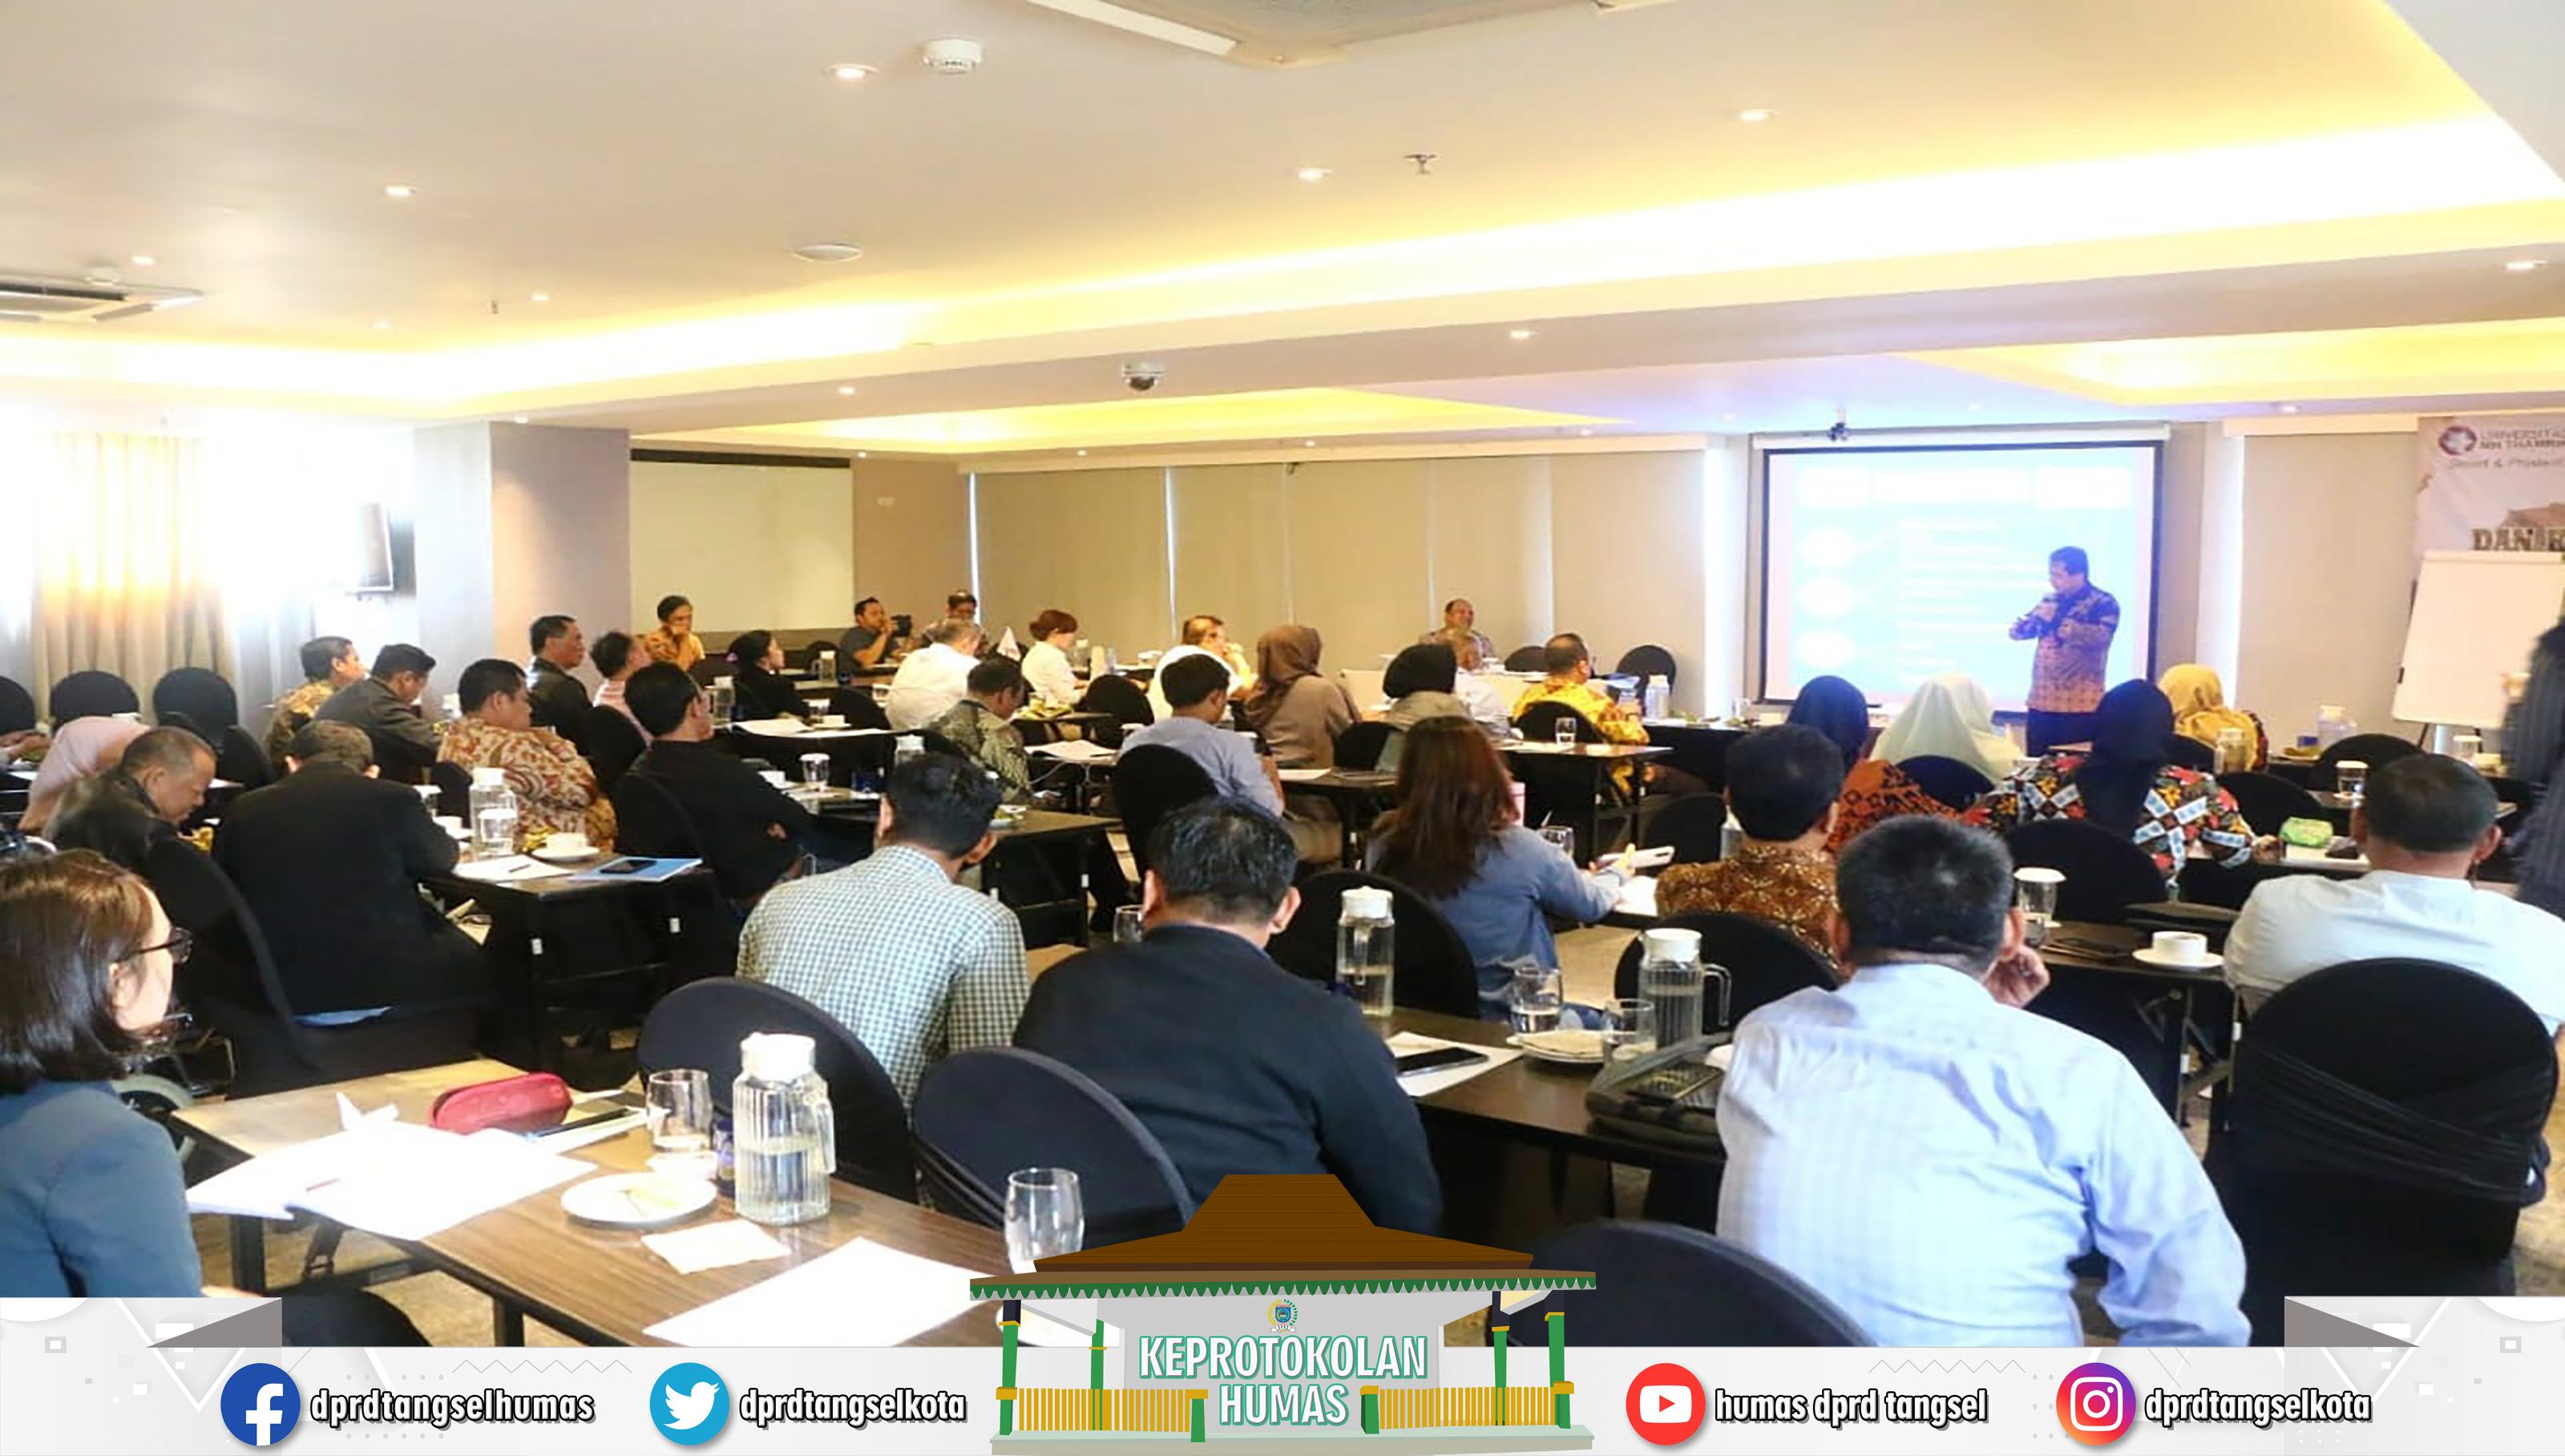 DPRD Tangsel Mengadakan Bimbingan Teknis Hak Protokoler dan Keuangan